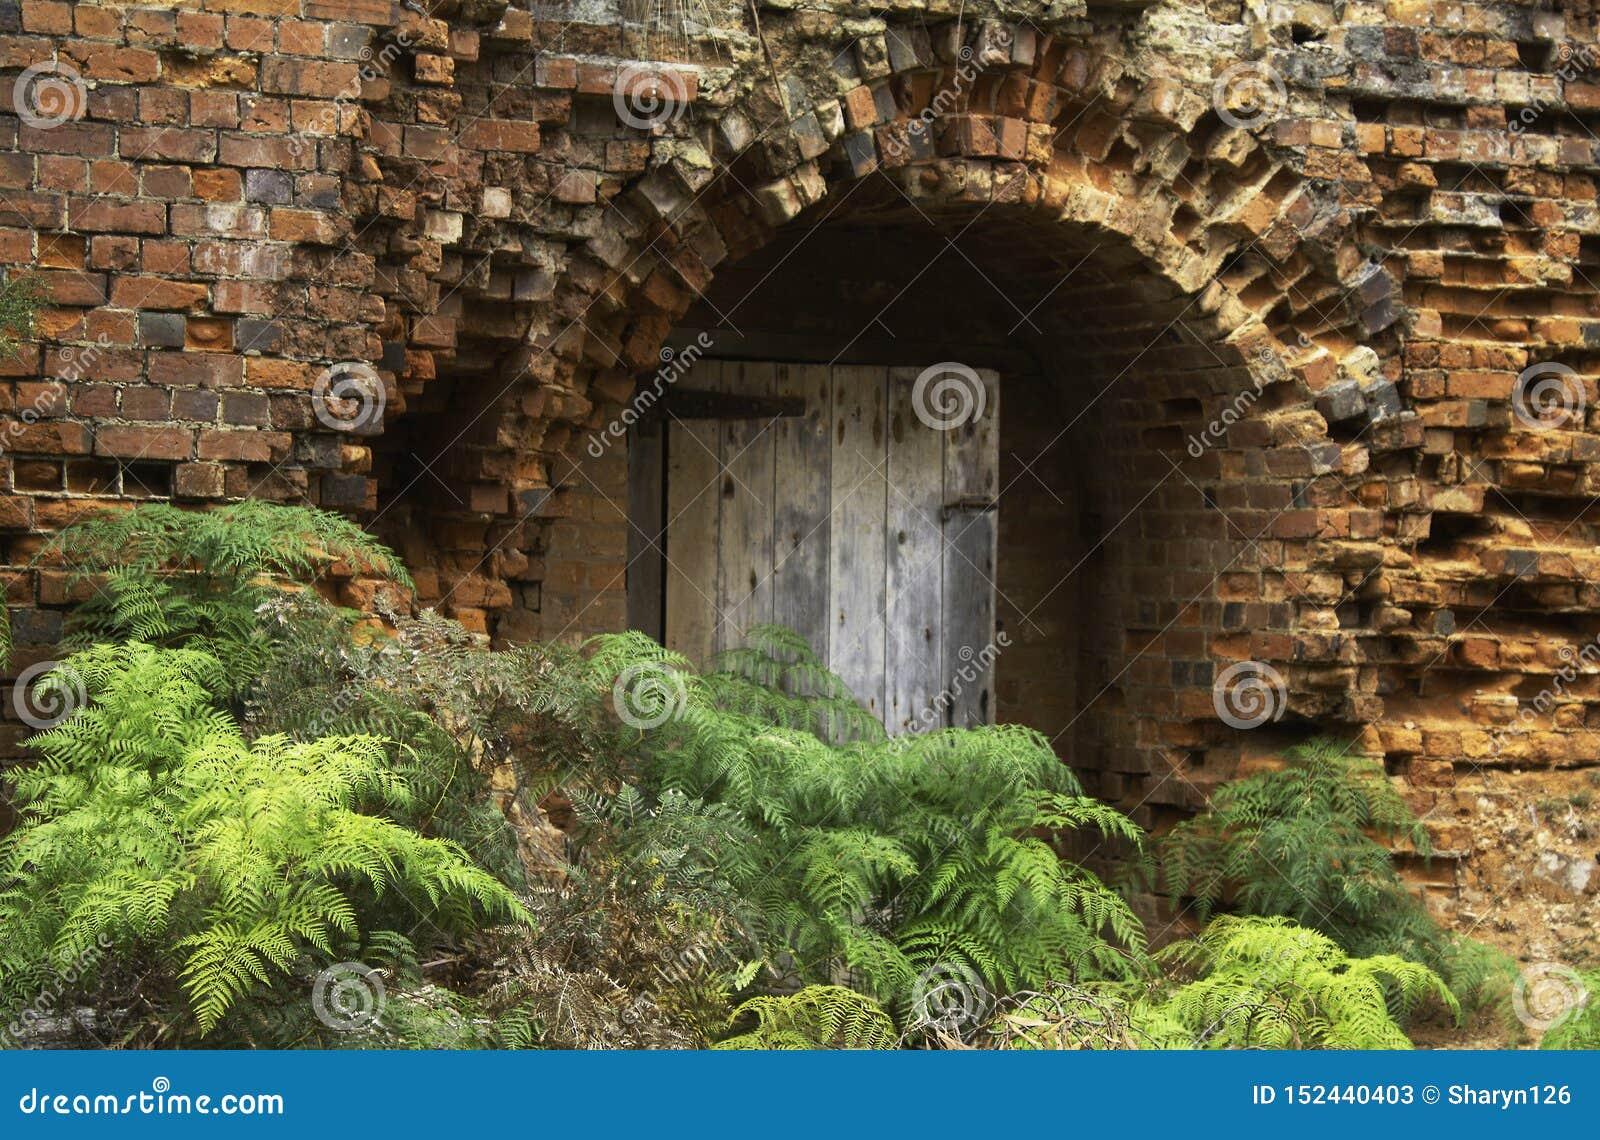 Antike Ziegelsteine zeichnen die Wände eines Ziegelofens auf Maria Island, Tasmanien